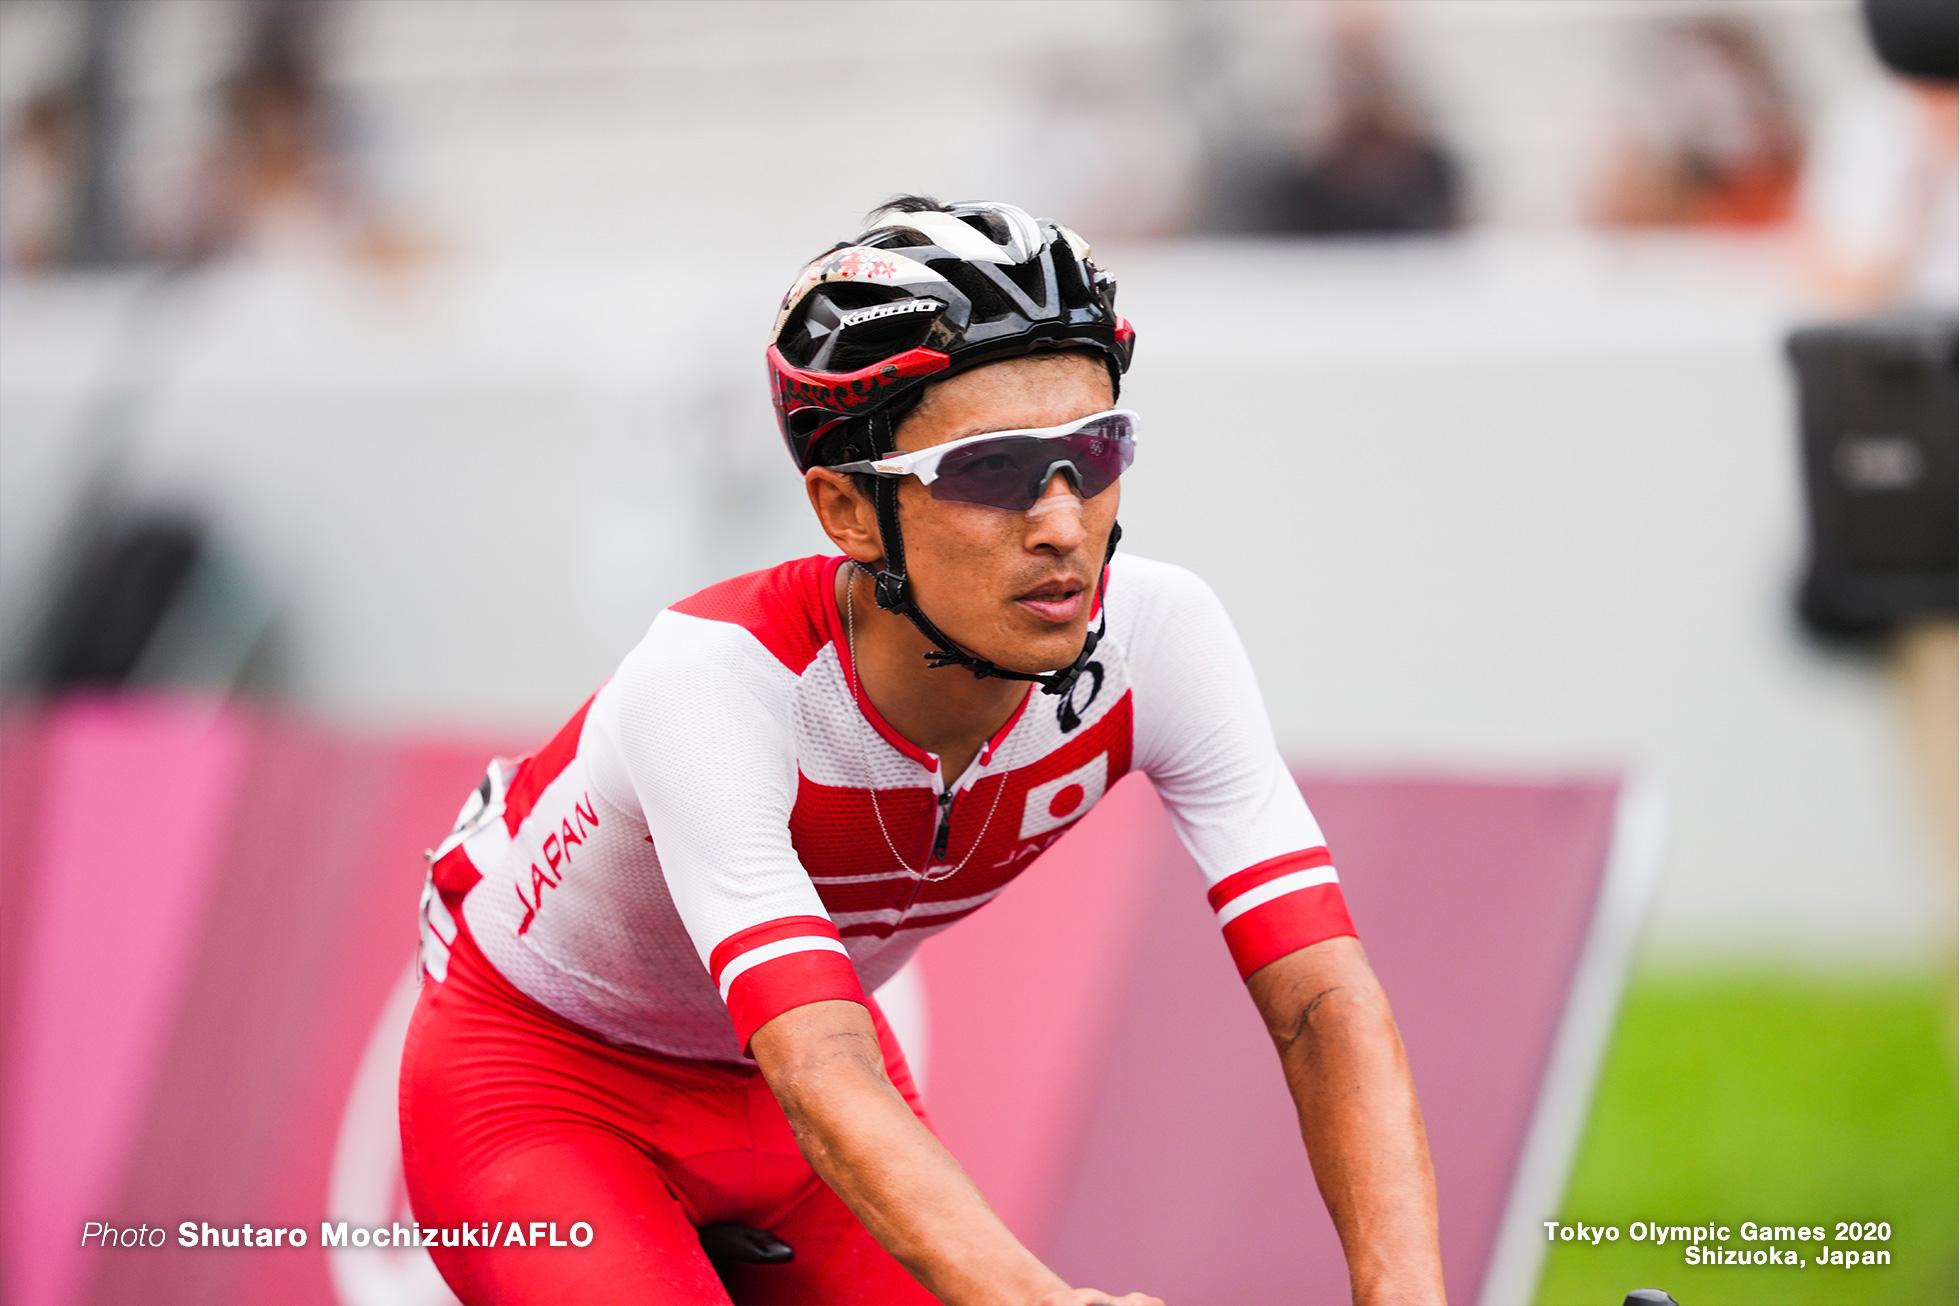 増田成幸/Nariyuki Masuda,JULY 24, 2021 - Cycling : Men's Road Race during the Tokyo 2020 Olympic Games at 富士スピードウェイ/the Fuji International Speedway in Shizuoka, Japan. (Photo by Shutaro Mochizuki/AFLO)